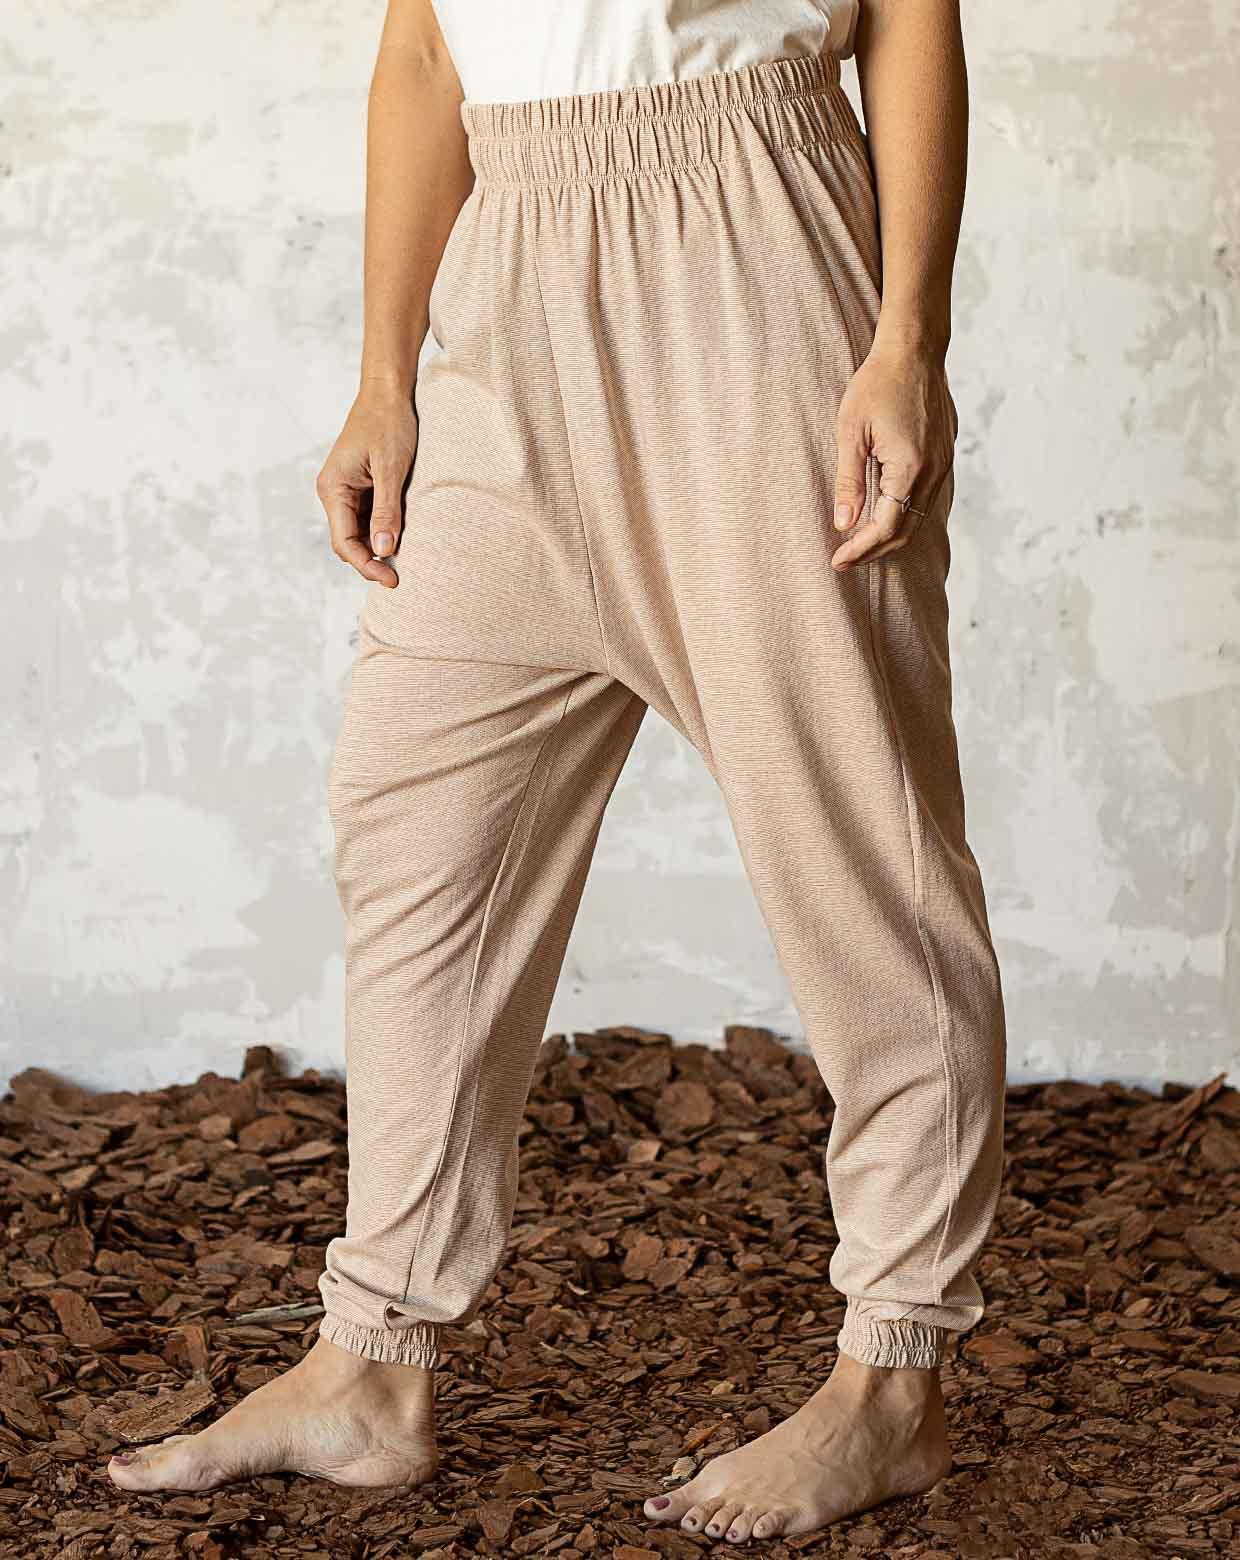 Calça Yoga Mescla - Algodão Orgânico Colorido Natural